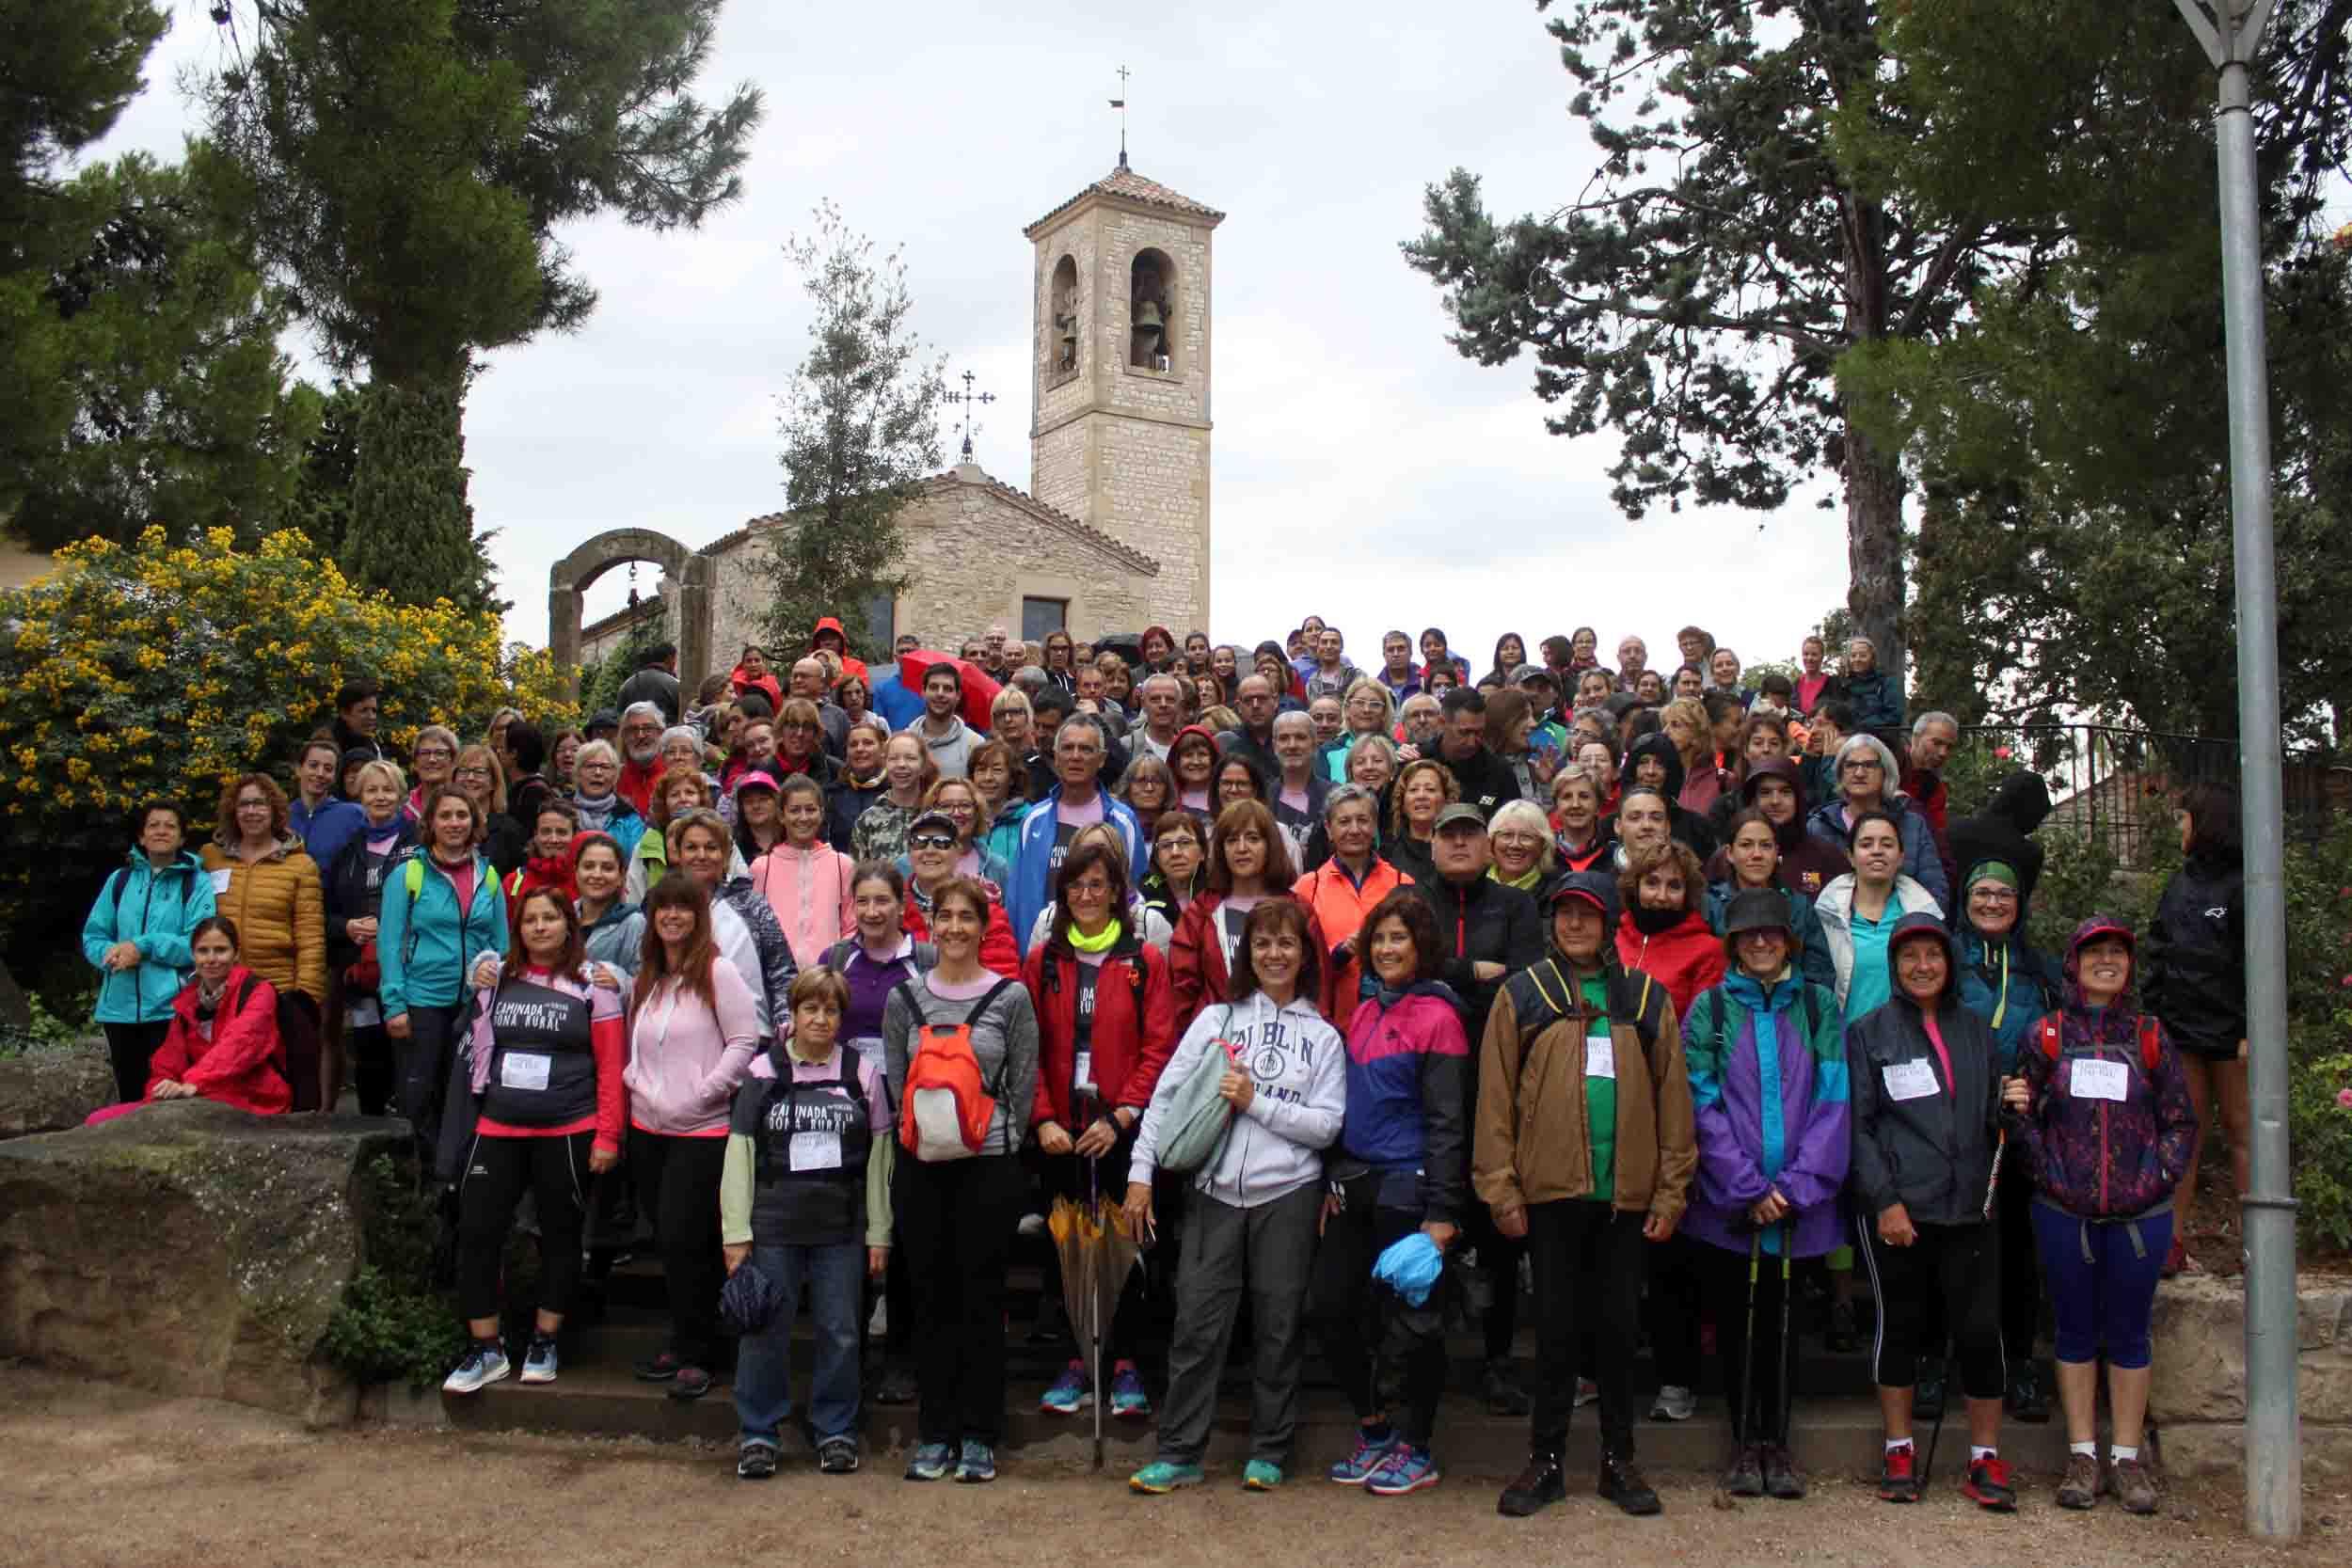 Tàrrega celebra amb èxit la 3a Caminada de la Dona Rural, que aplega unes 200 persones tot i la pluja